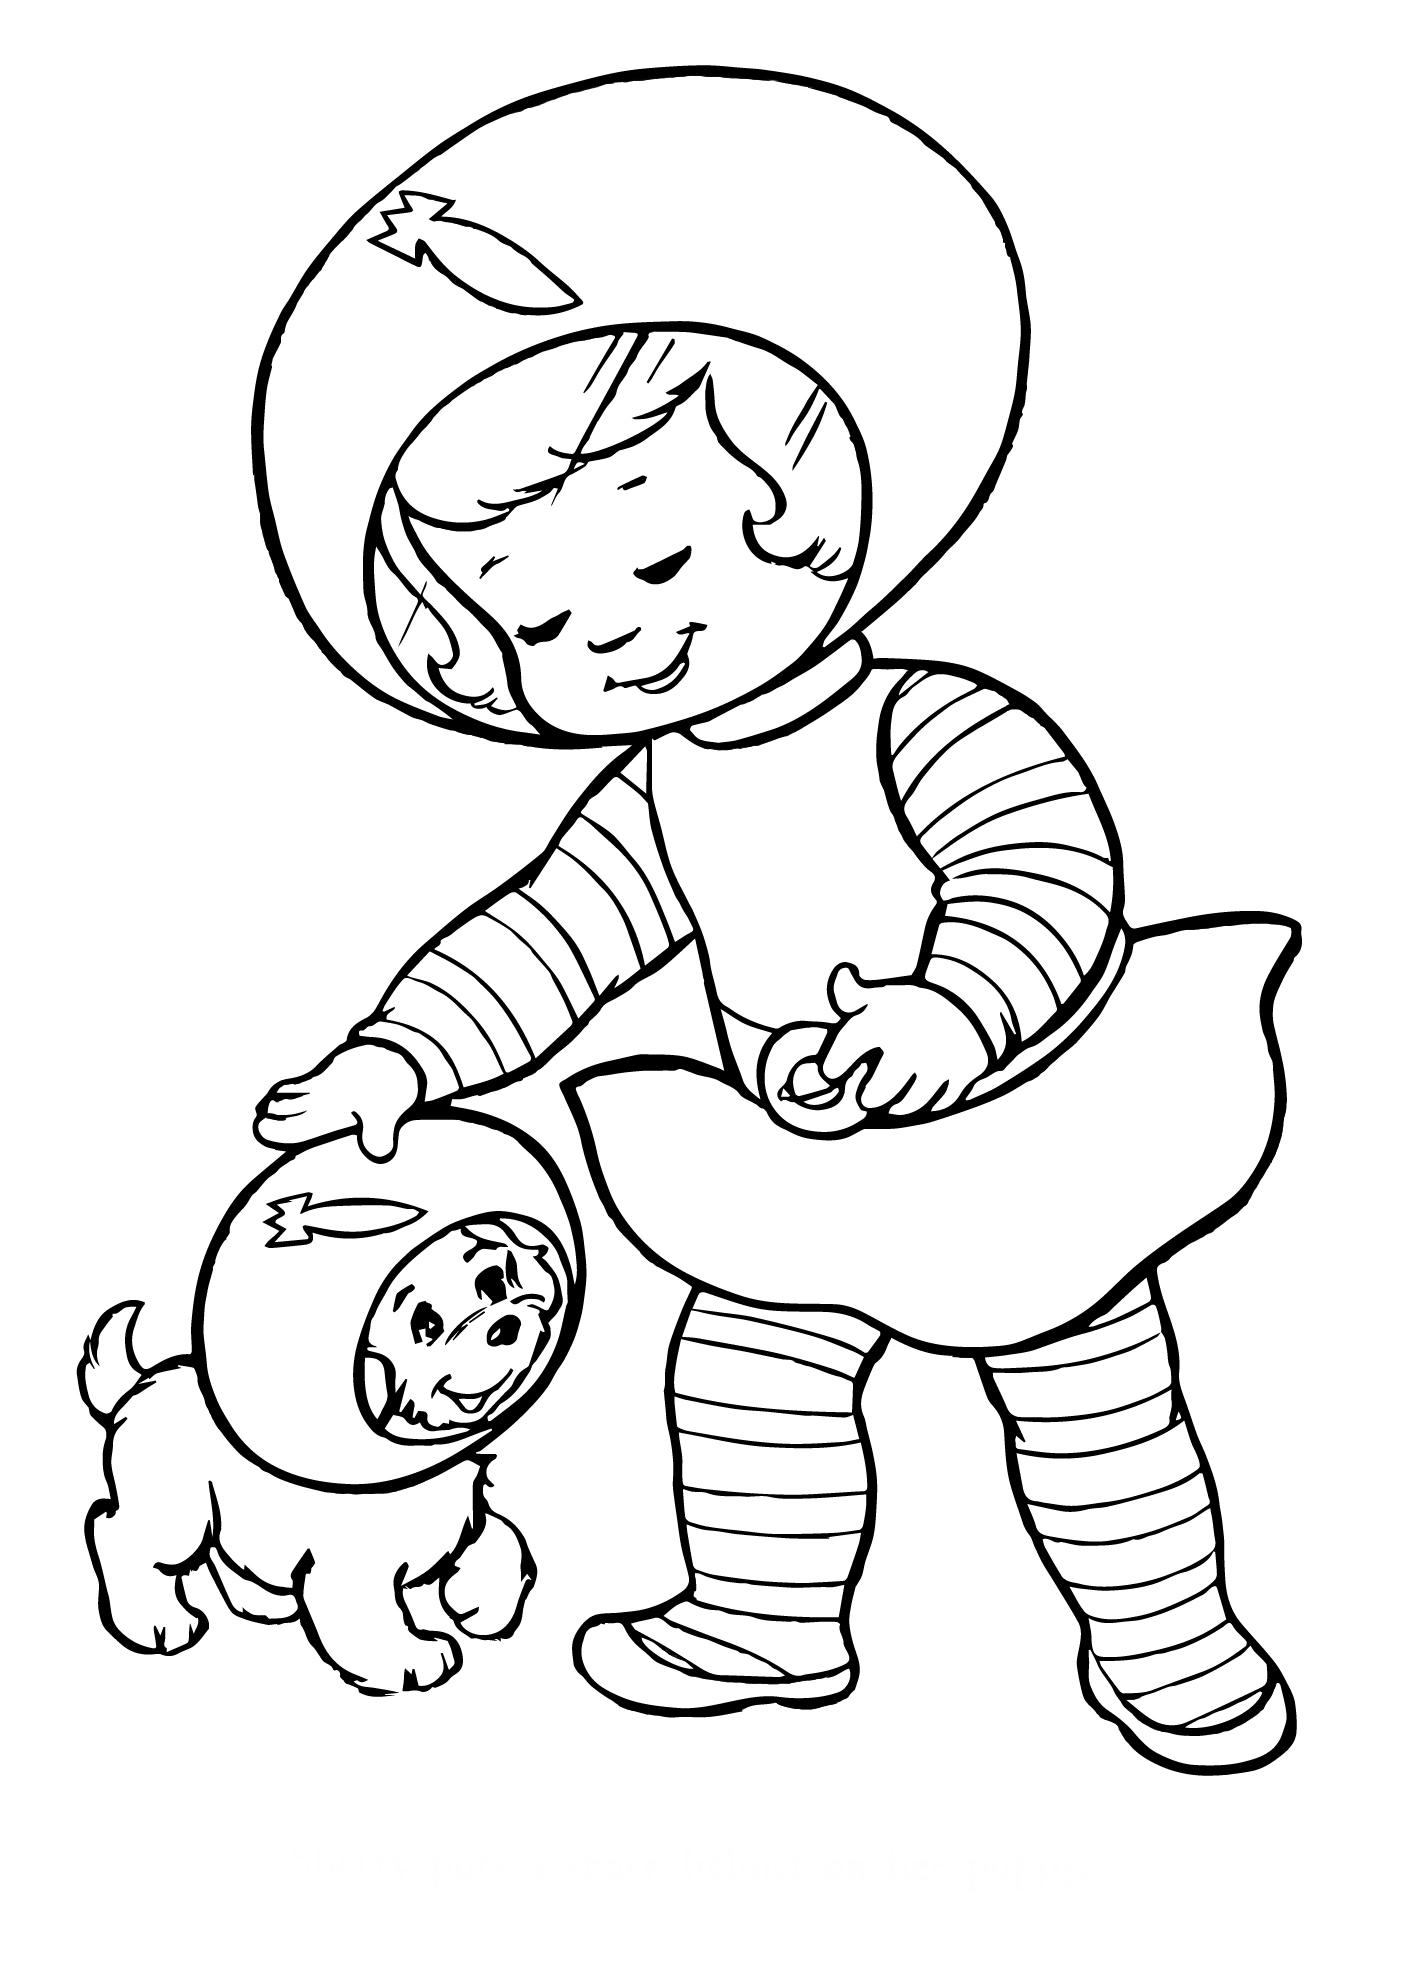 Космонавт собака - Космос - Раскраски антистресс